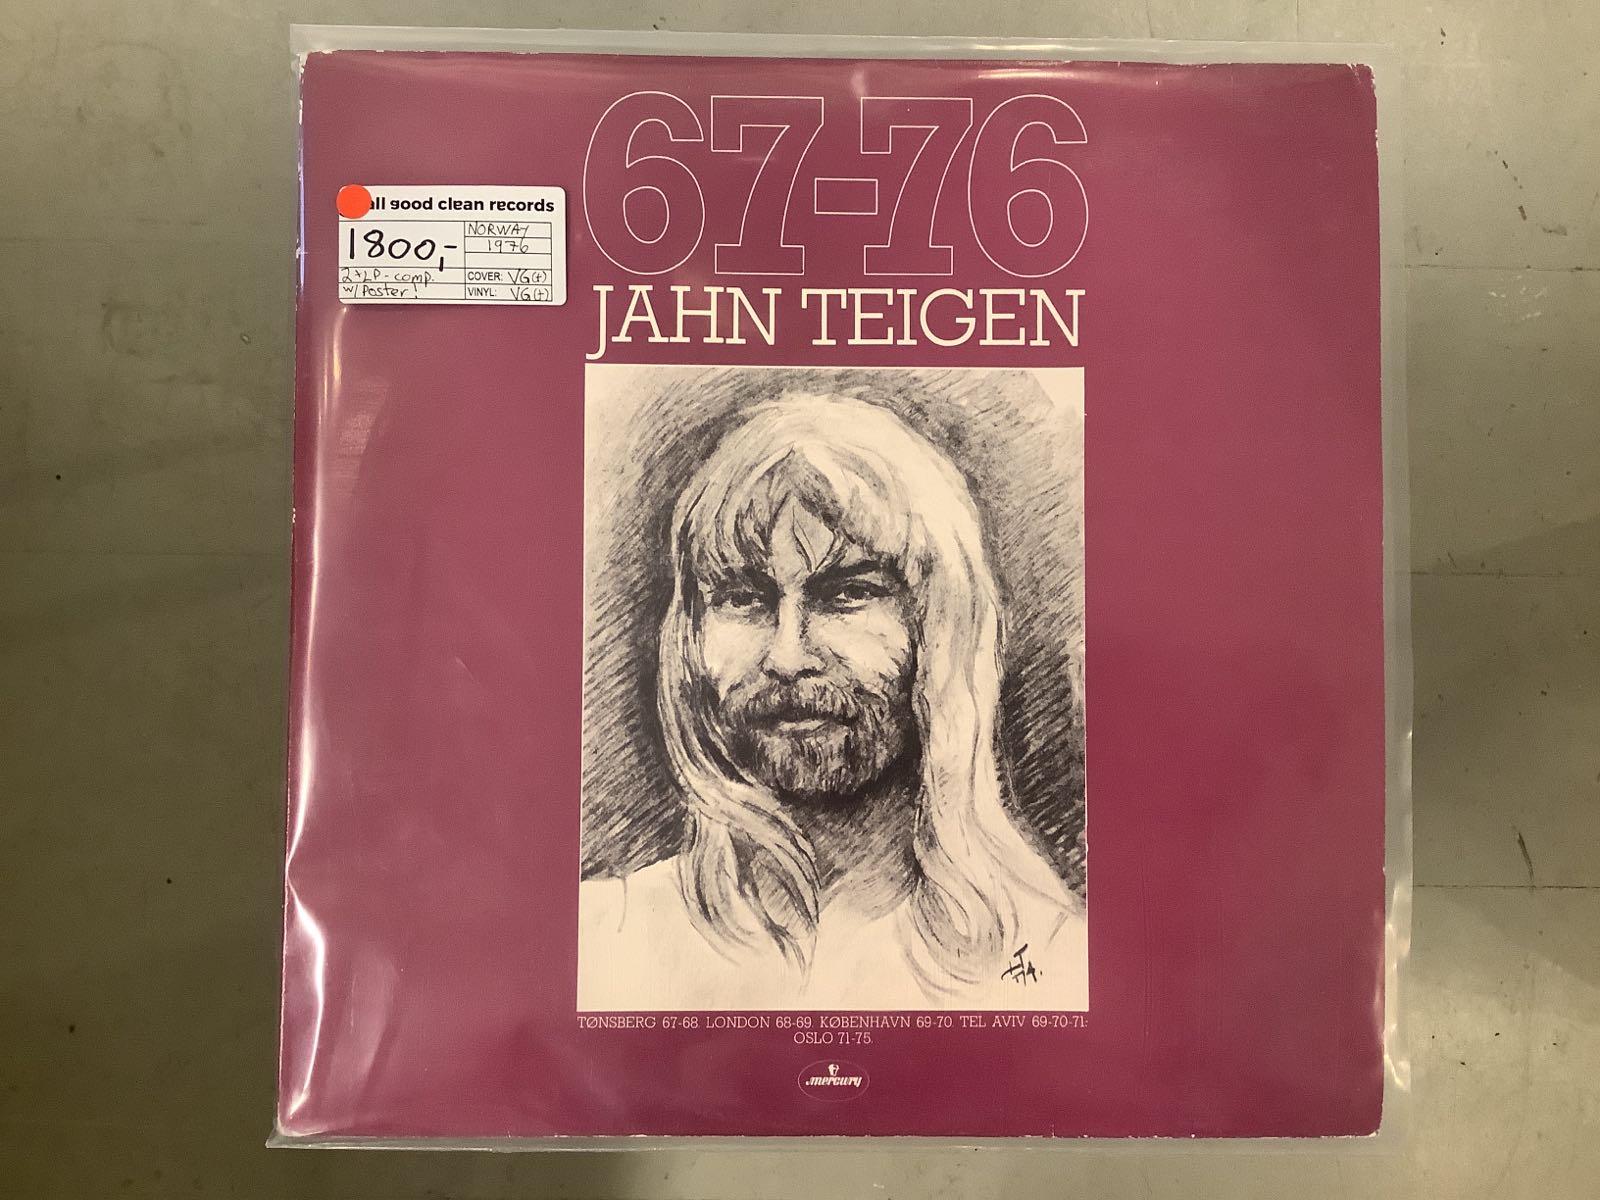 Jahn Teigen - 67-76 [2xLP] (2. hand)